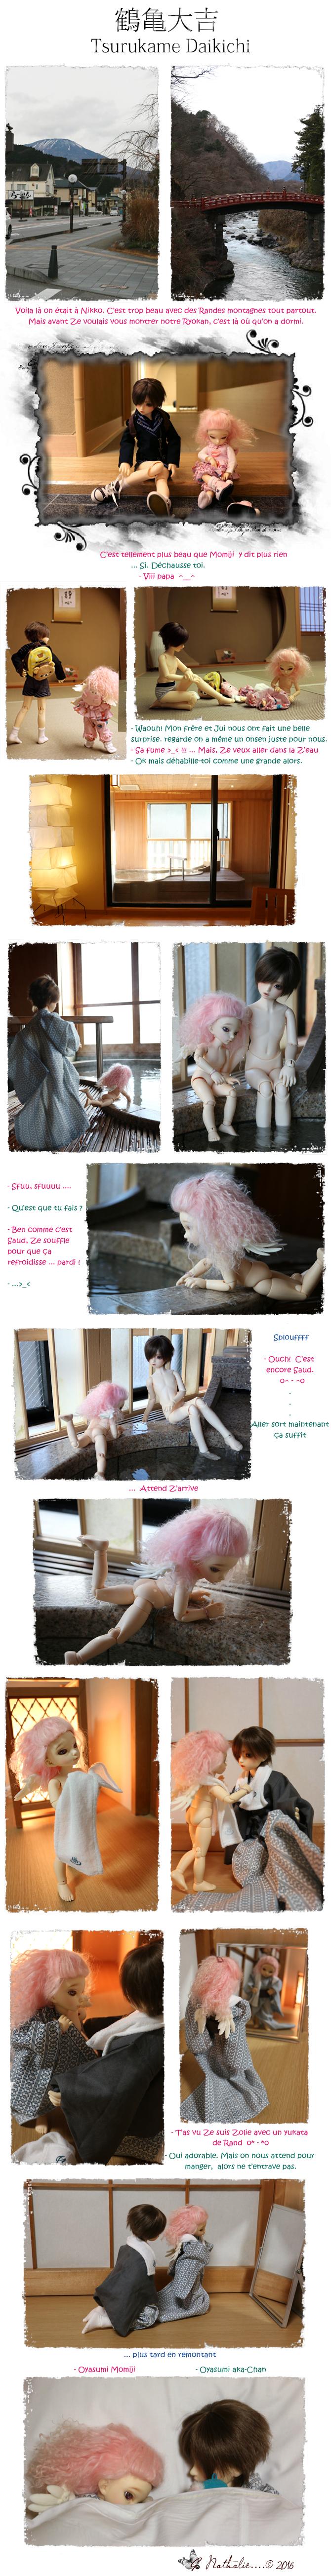 ★ Nos petits guides dans un Onsen - Nikko (p. 23)  - Page 23 2015japon16